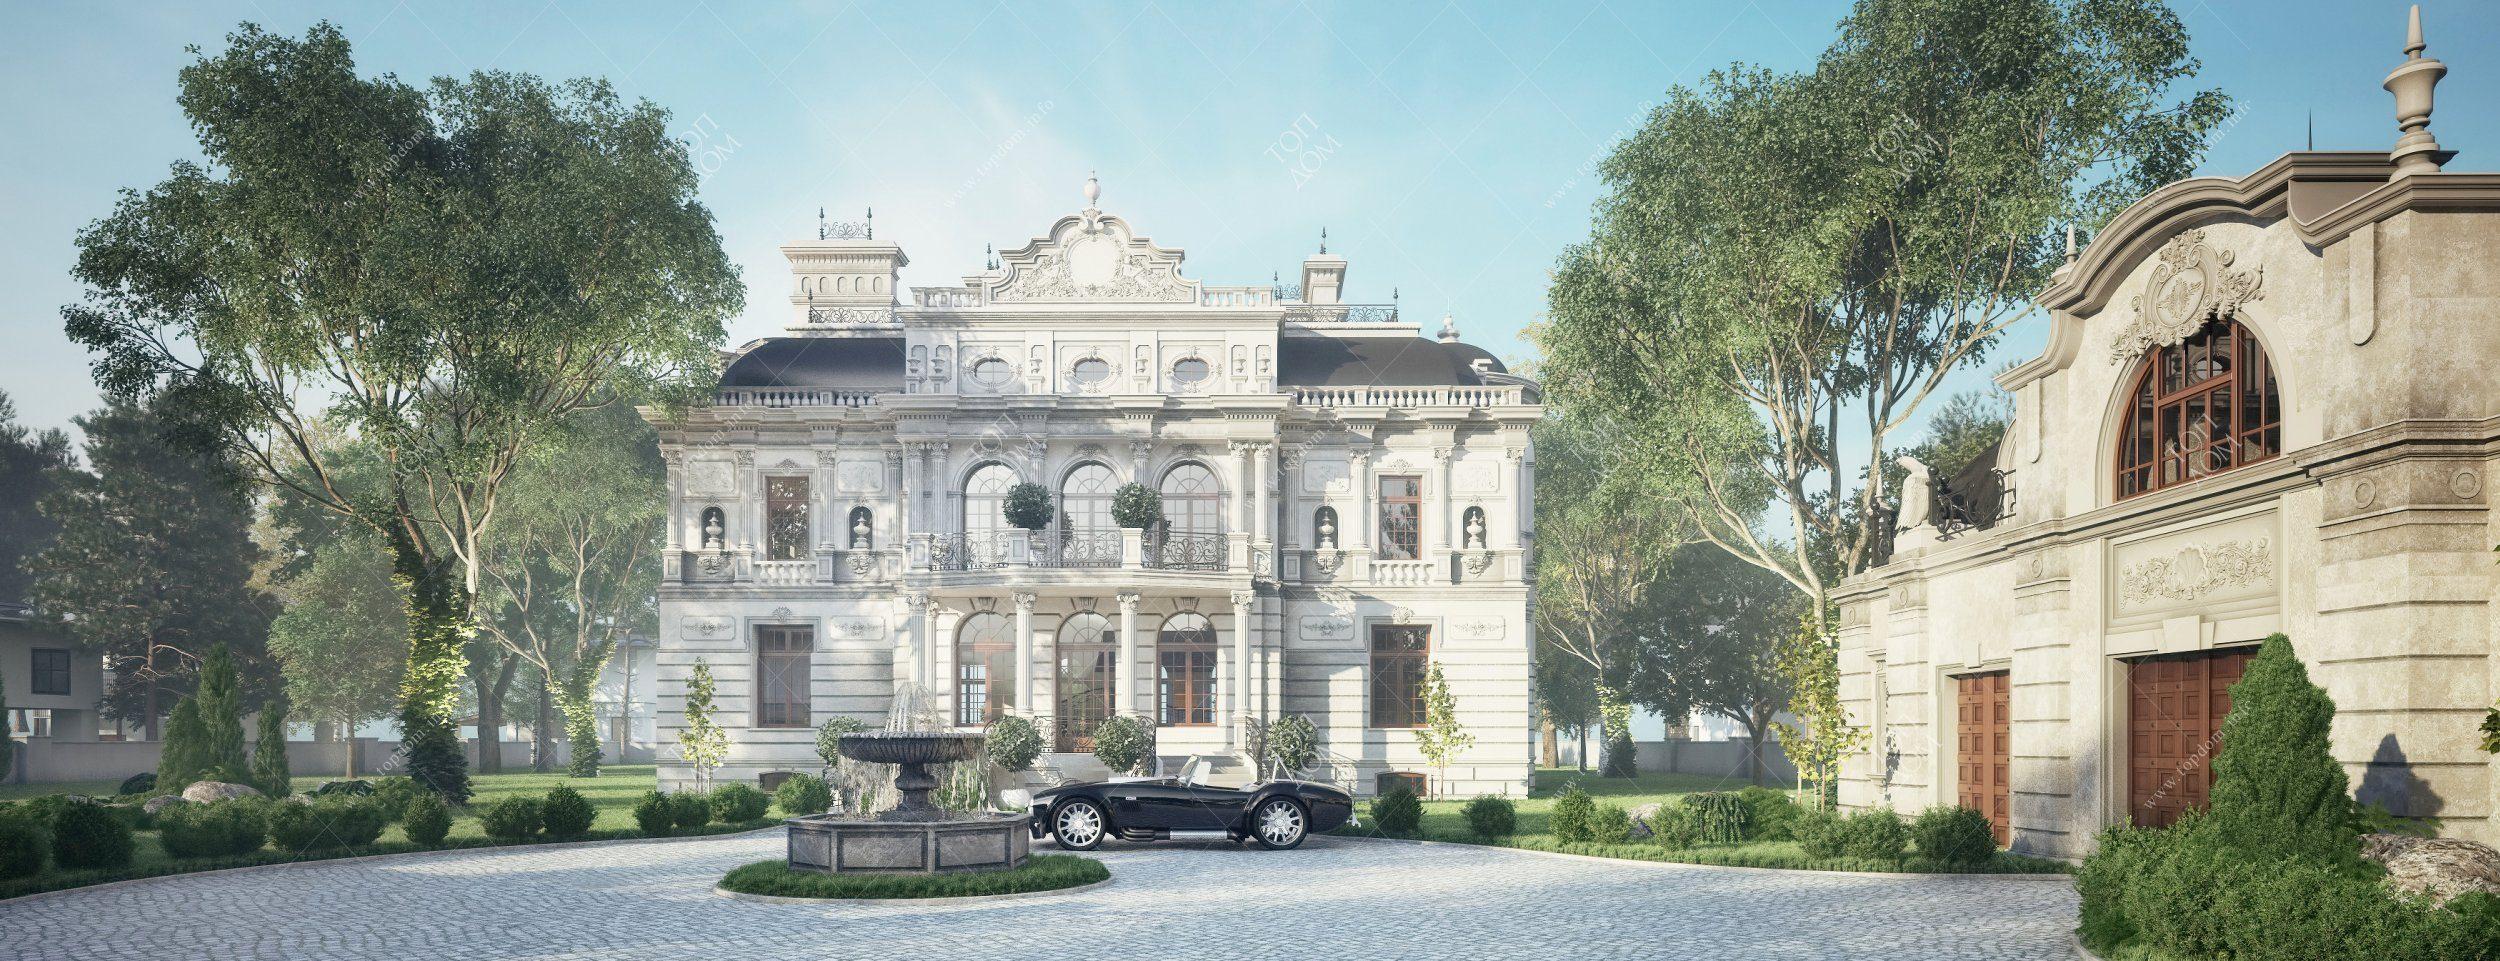 Индивидуальный проект дома в стиле барокко Роскошные Дома в Стиле Барокко